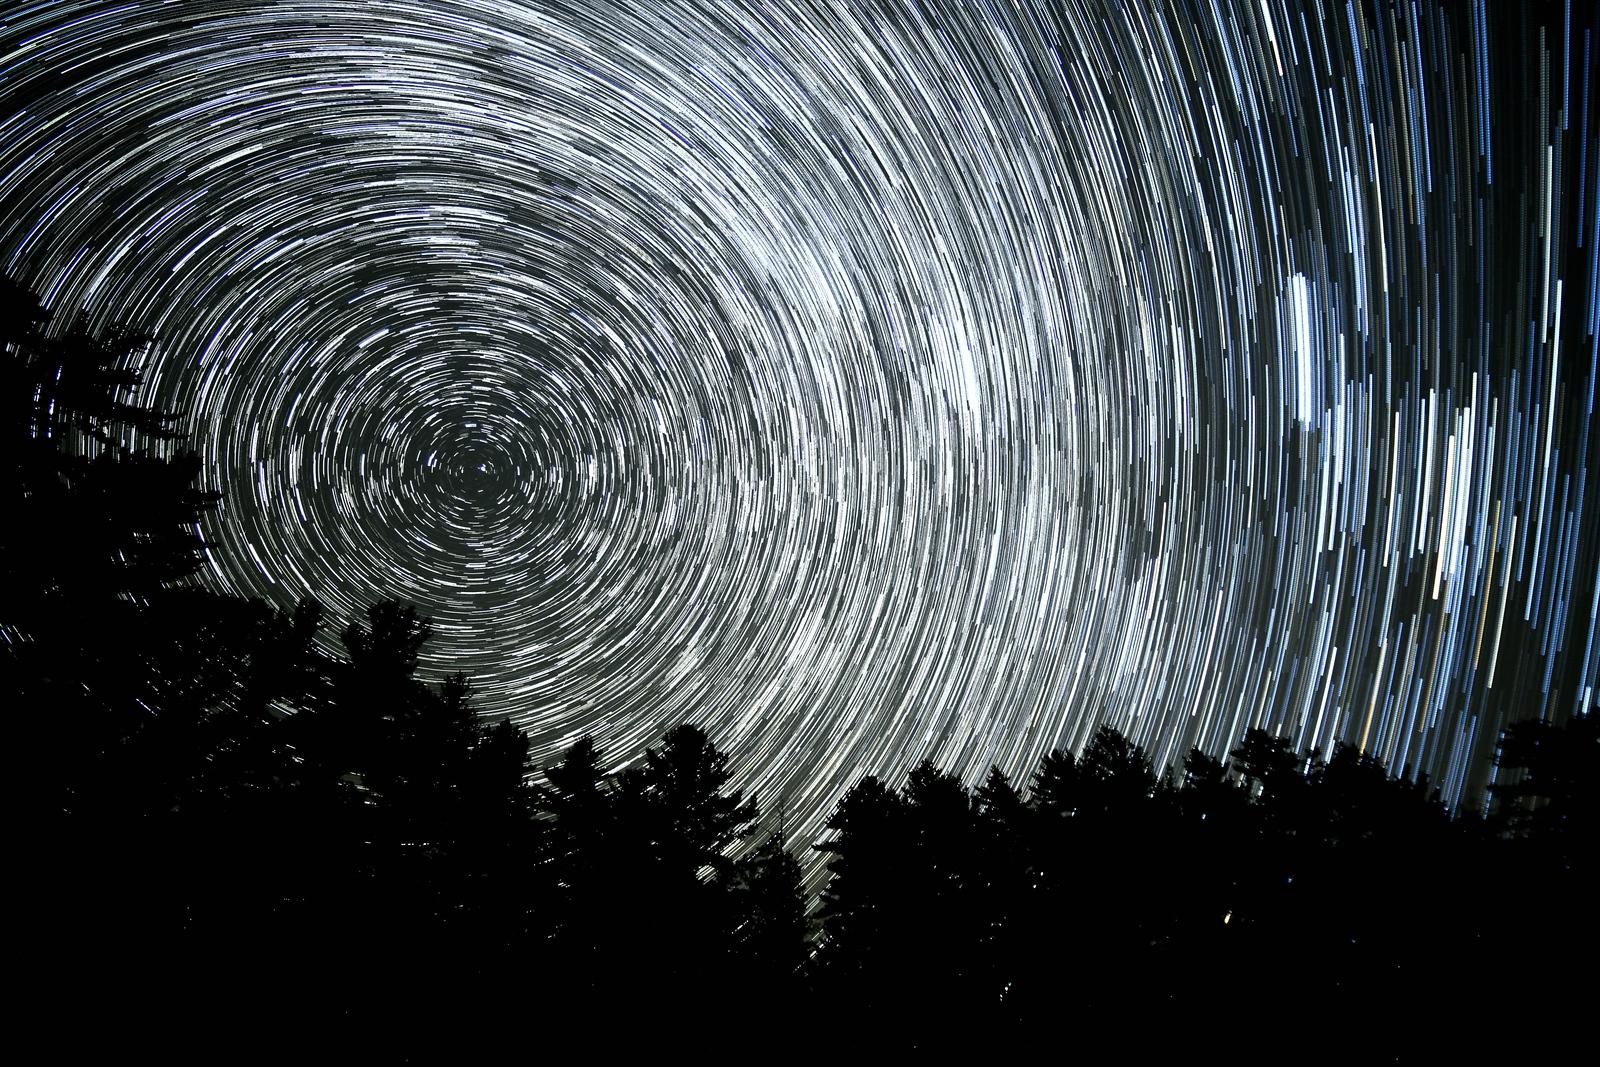 Moosehead Star Trails